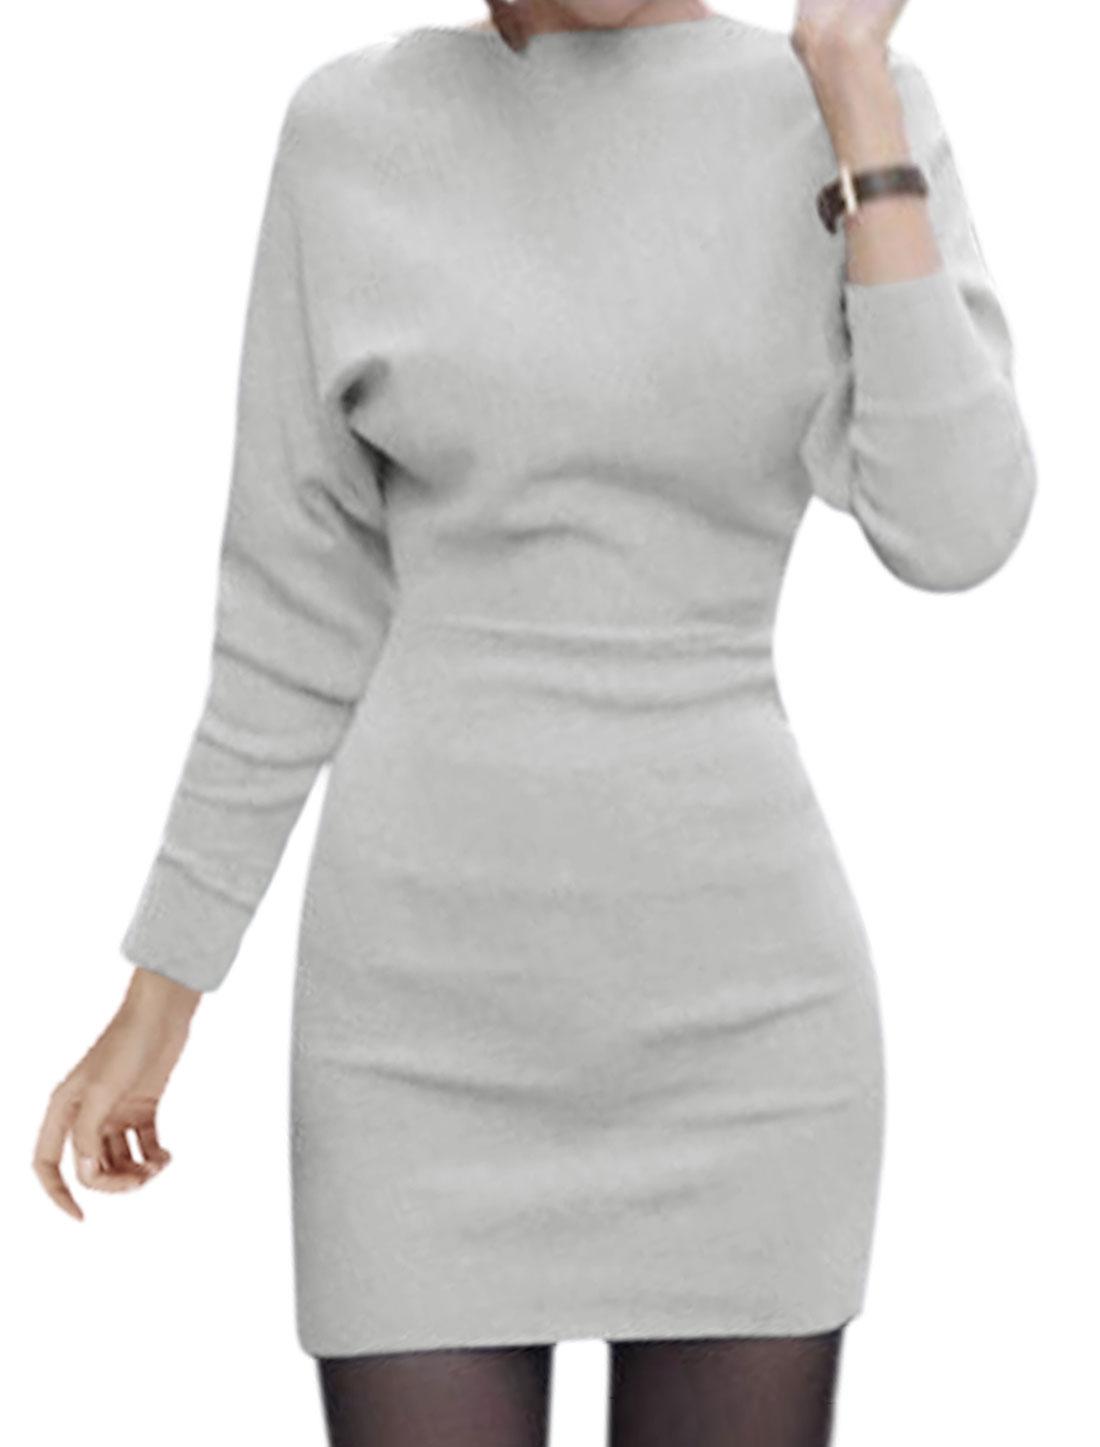 Women Boat Neck Batwing Sleeves Mini Blouson Dress Gray S